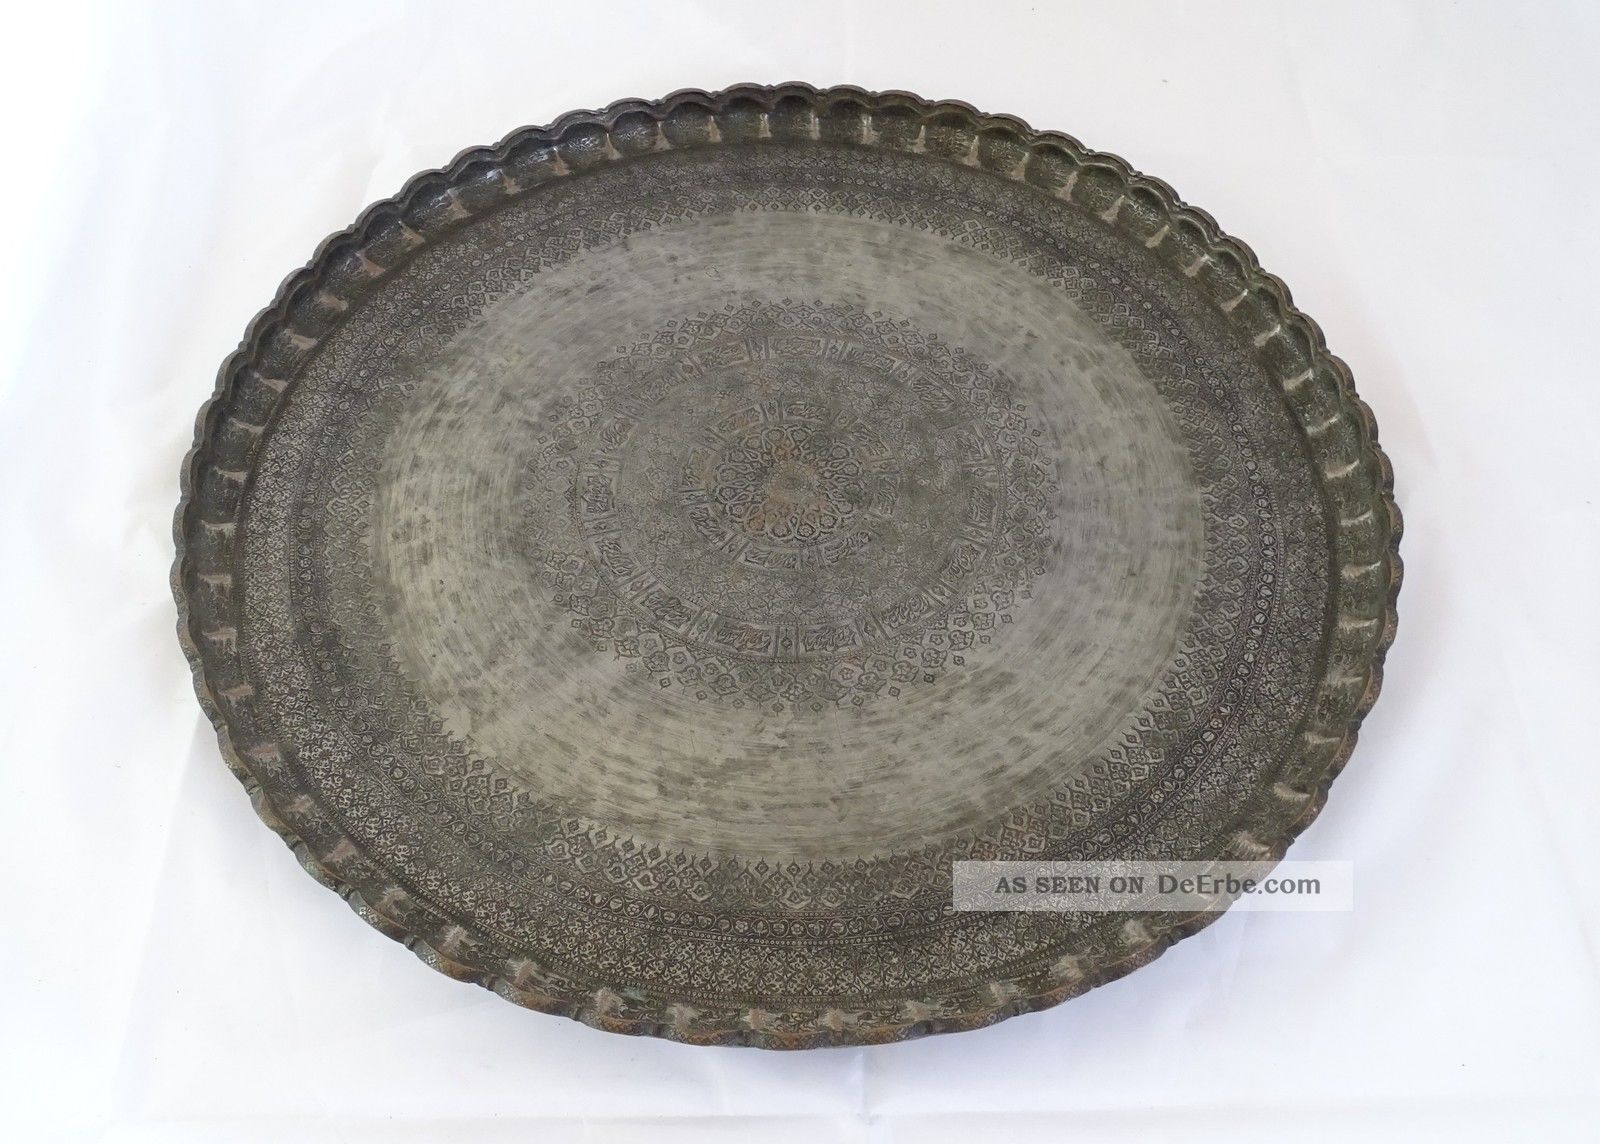 Herrlich Verzierte Orientalische Teetisch Schale Platte Metall Schwer Massiv Islamische Kunst Bild